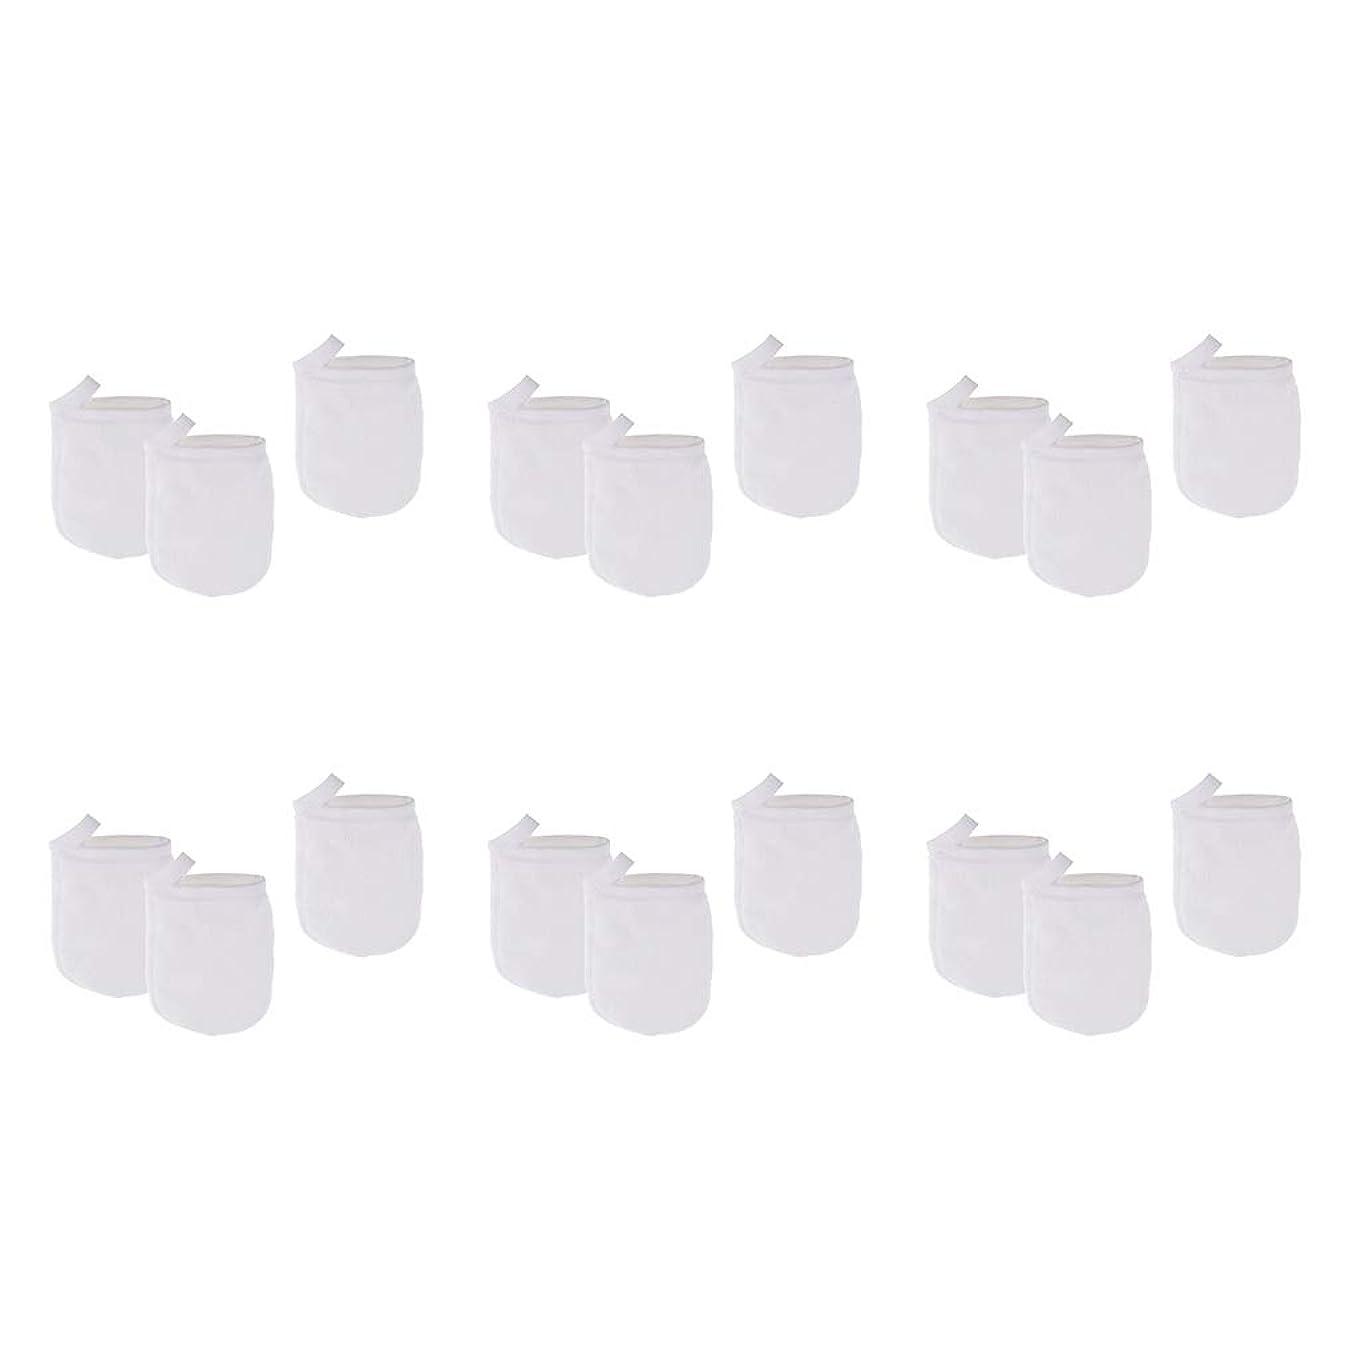 政治家マニアフィッティングPerfeclan 約18個パックフェイスクレンジング手袋 リムーバー手袋 洗顔グローブ 手袋 グローブ メイク落とし